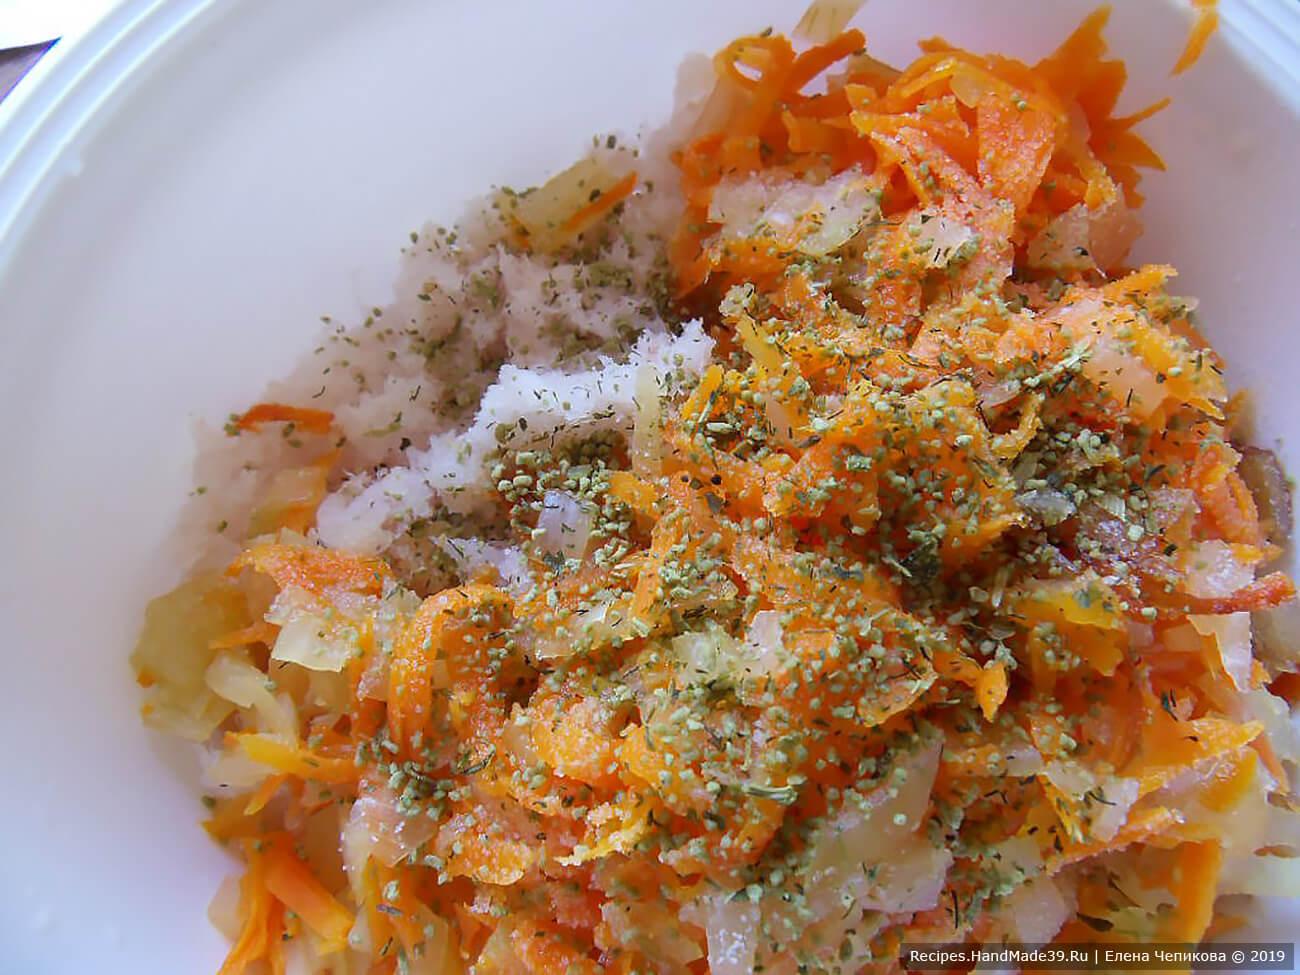 Соединить рыбный фарш, обжаренные овощи, 1 сырое яйцо, соль, специи для рыбы. Хорошо перемешать